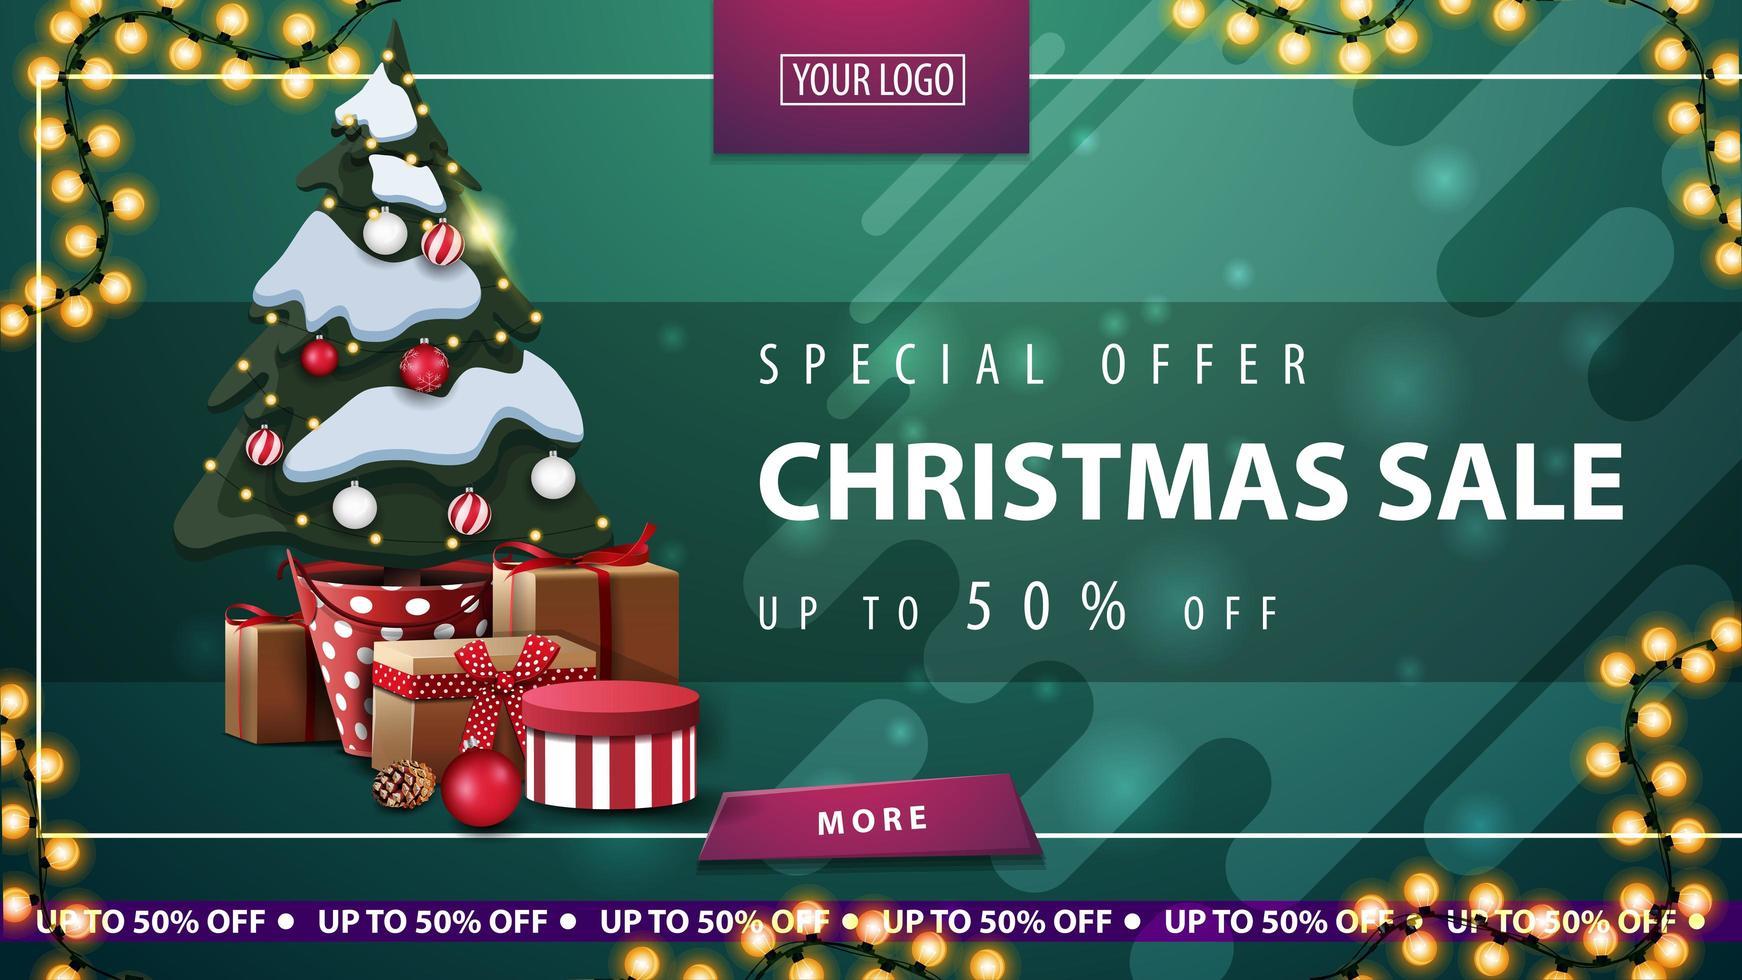 speciale aanbieding, kerstuitverkoop, tot 50 korting, groene horizontale kortingsbanner met knop, kaderslinger en kerstboom in een pot met geschenken vector